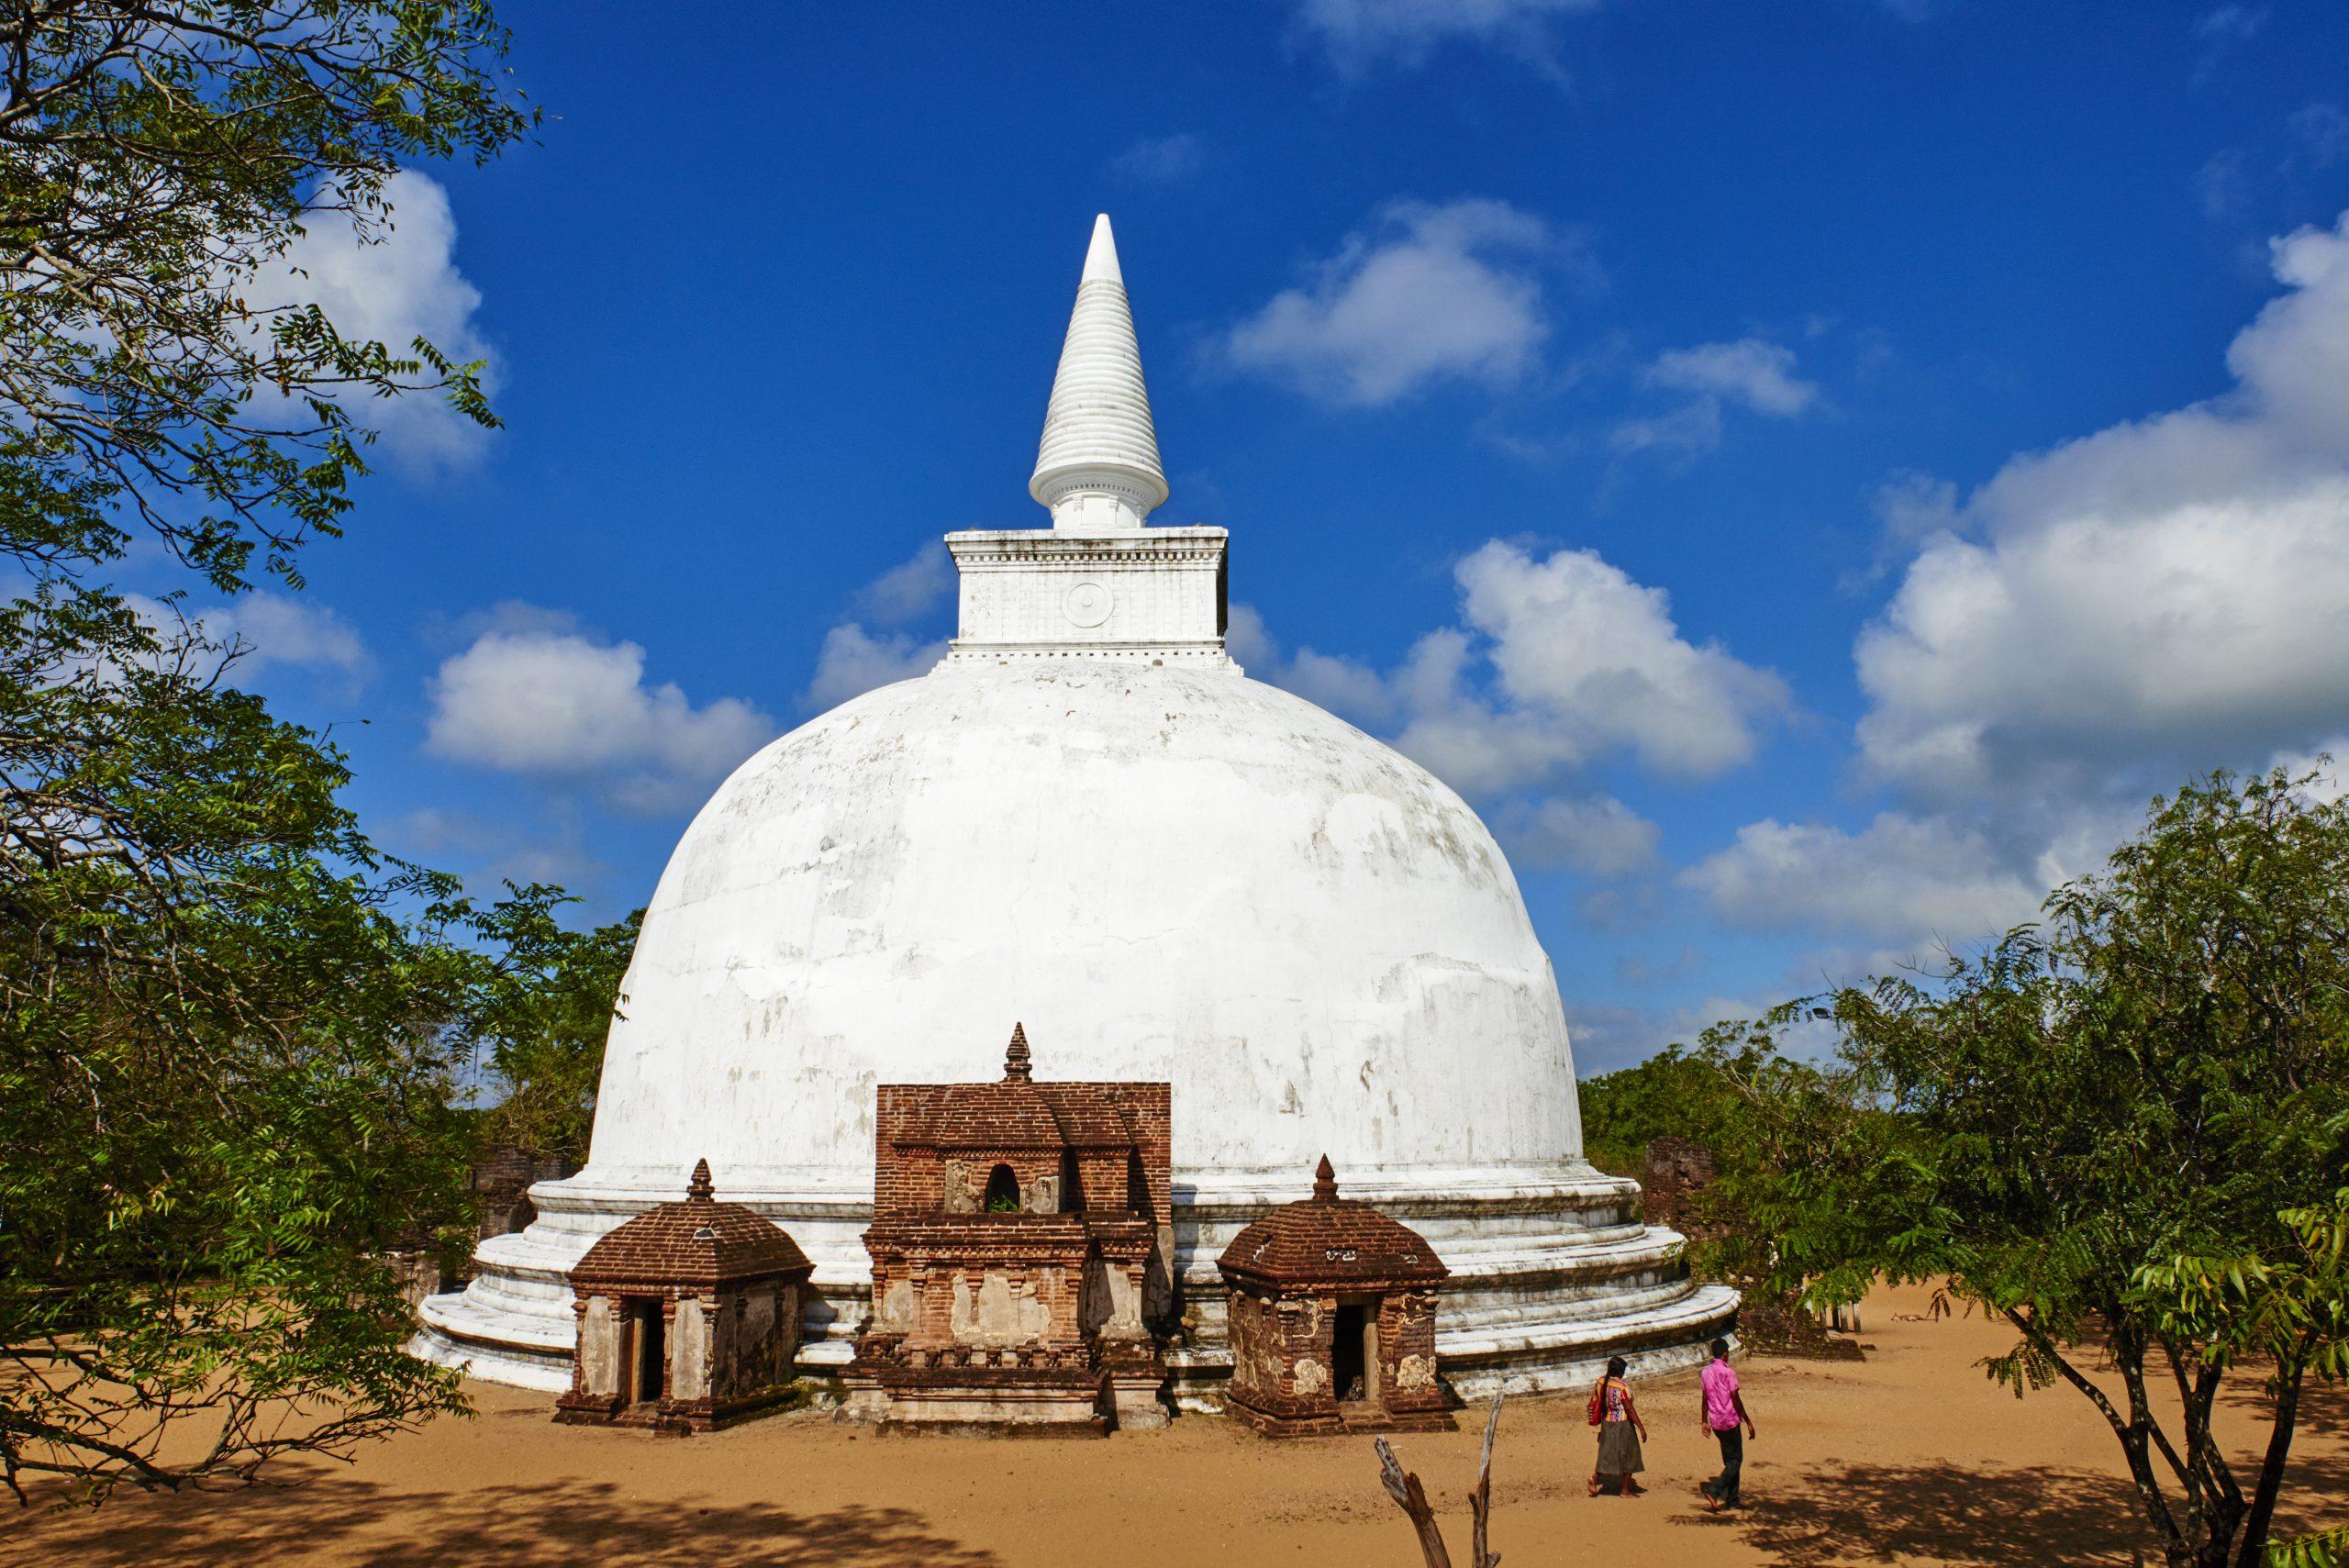 Sri Lanka, Polonnaruwa, Kiri vihara temple